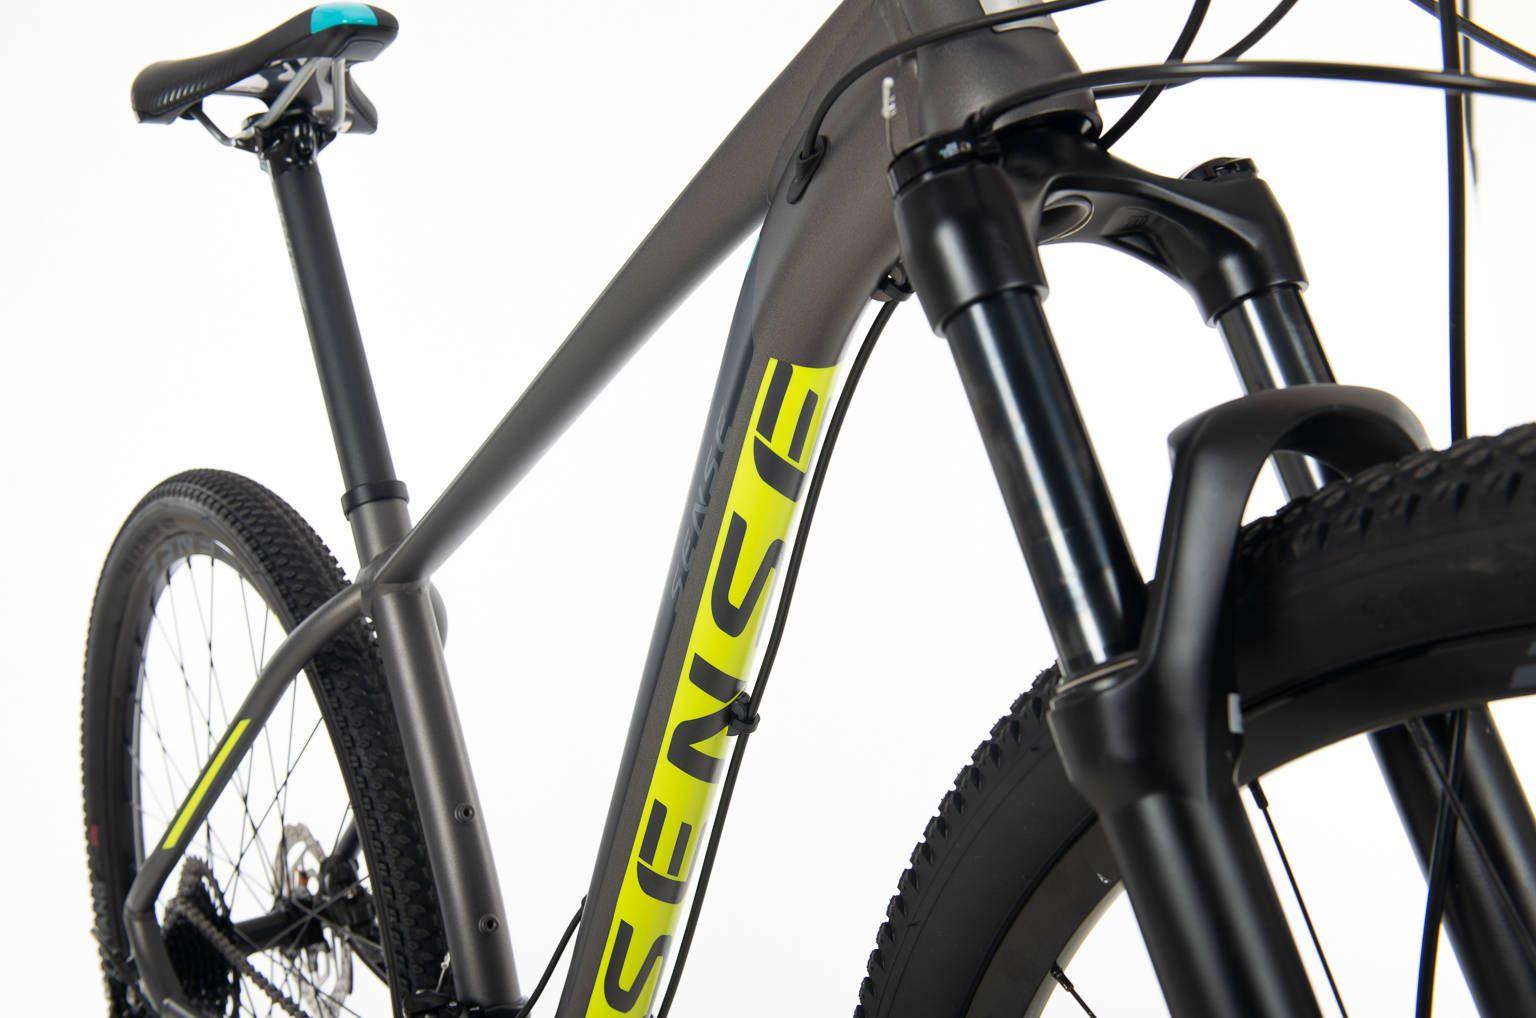 Bicicleta SENSE Intensa 2020 - 18v Shimano Alívio - EXCELENTE OPÇÃO - Cinza/Amarelo/Azul